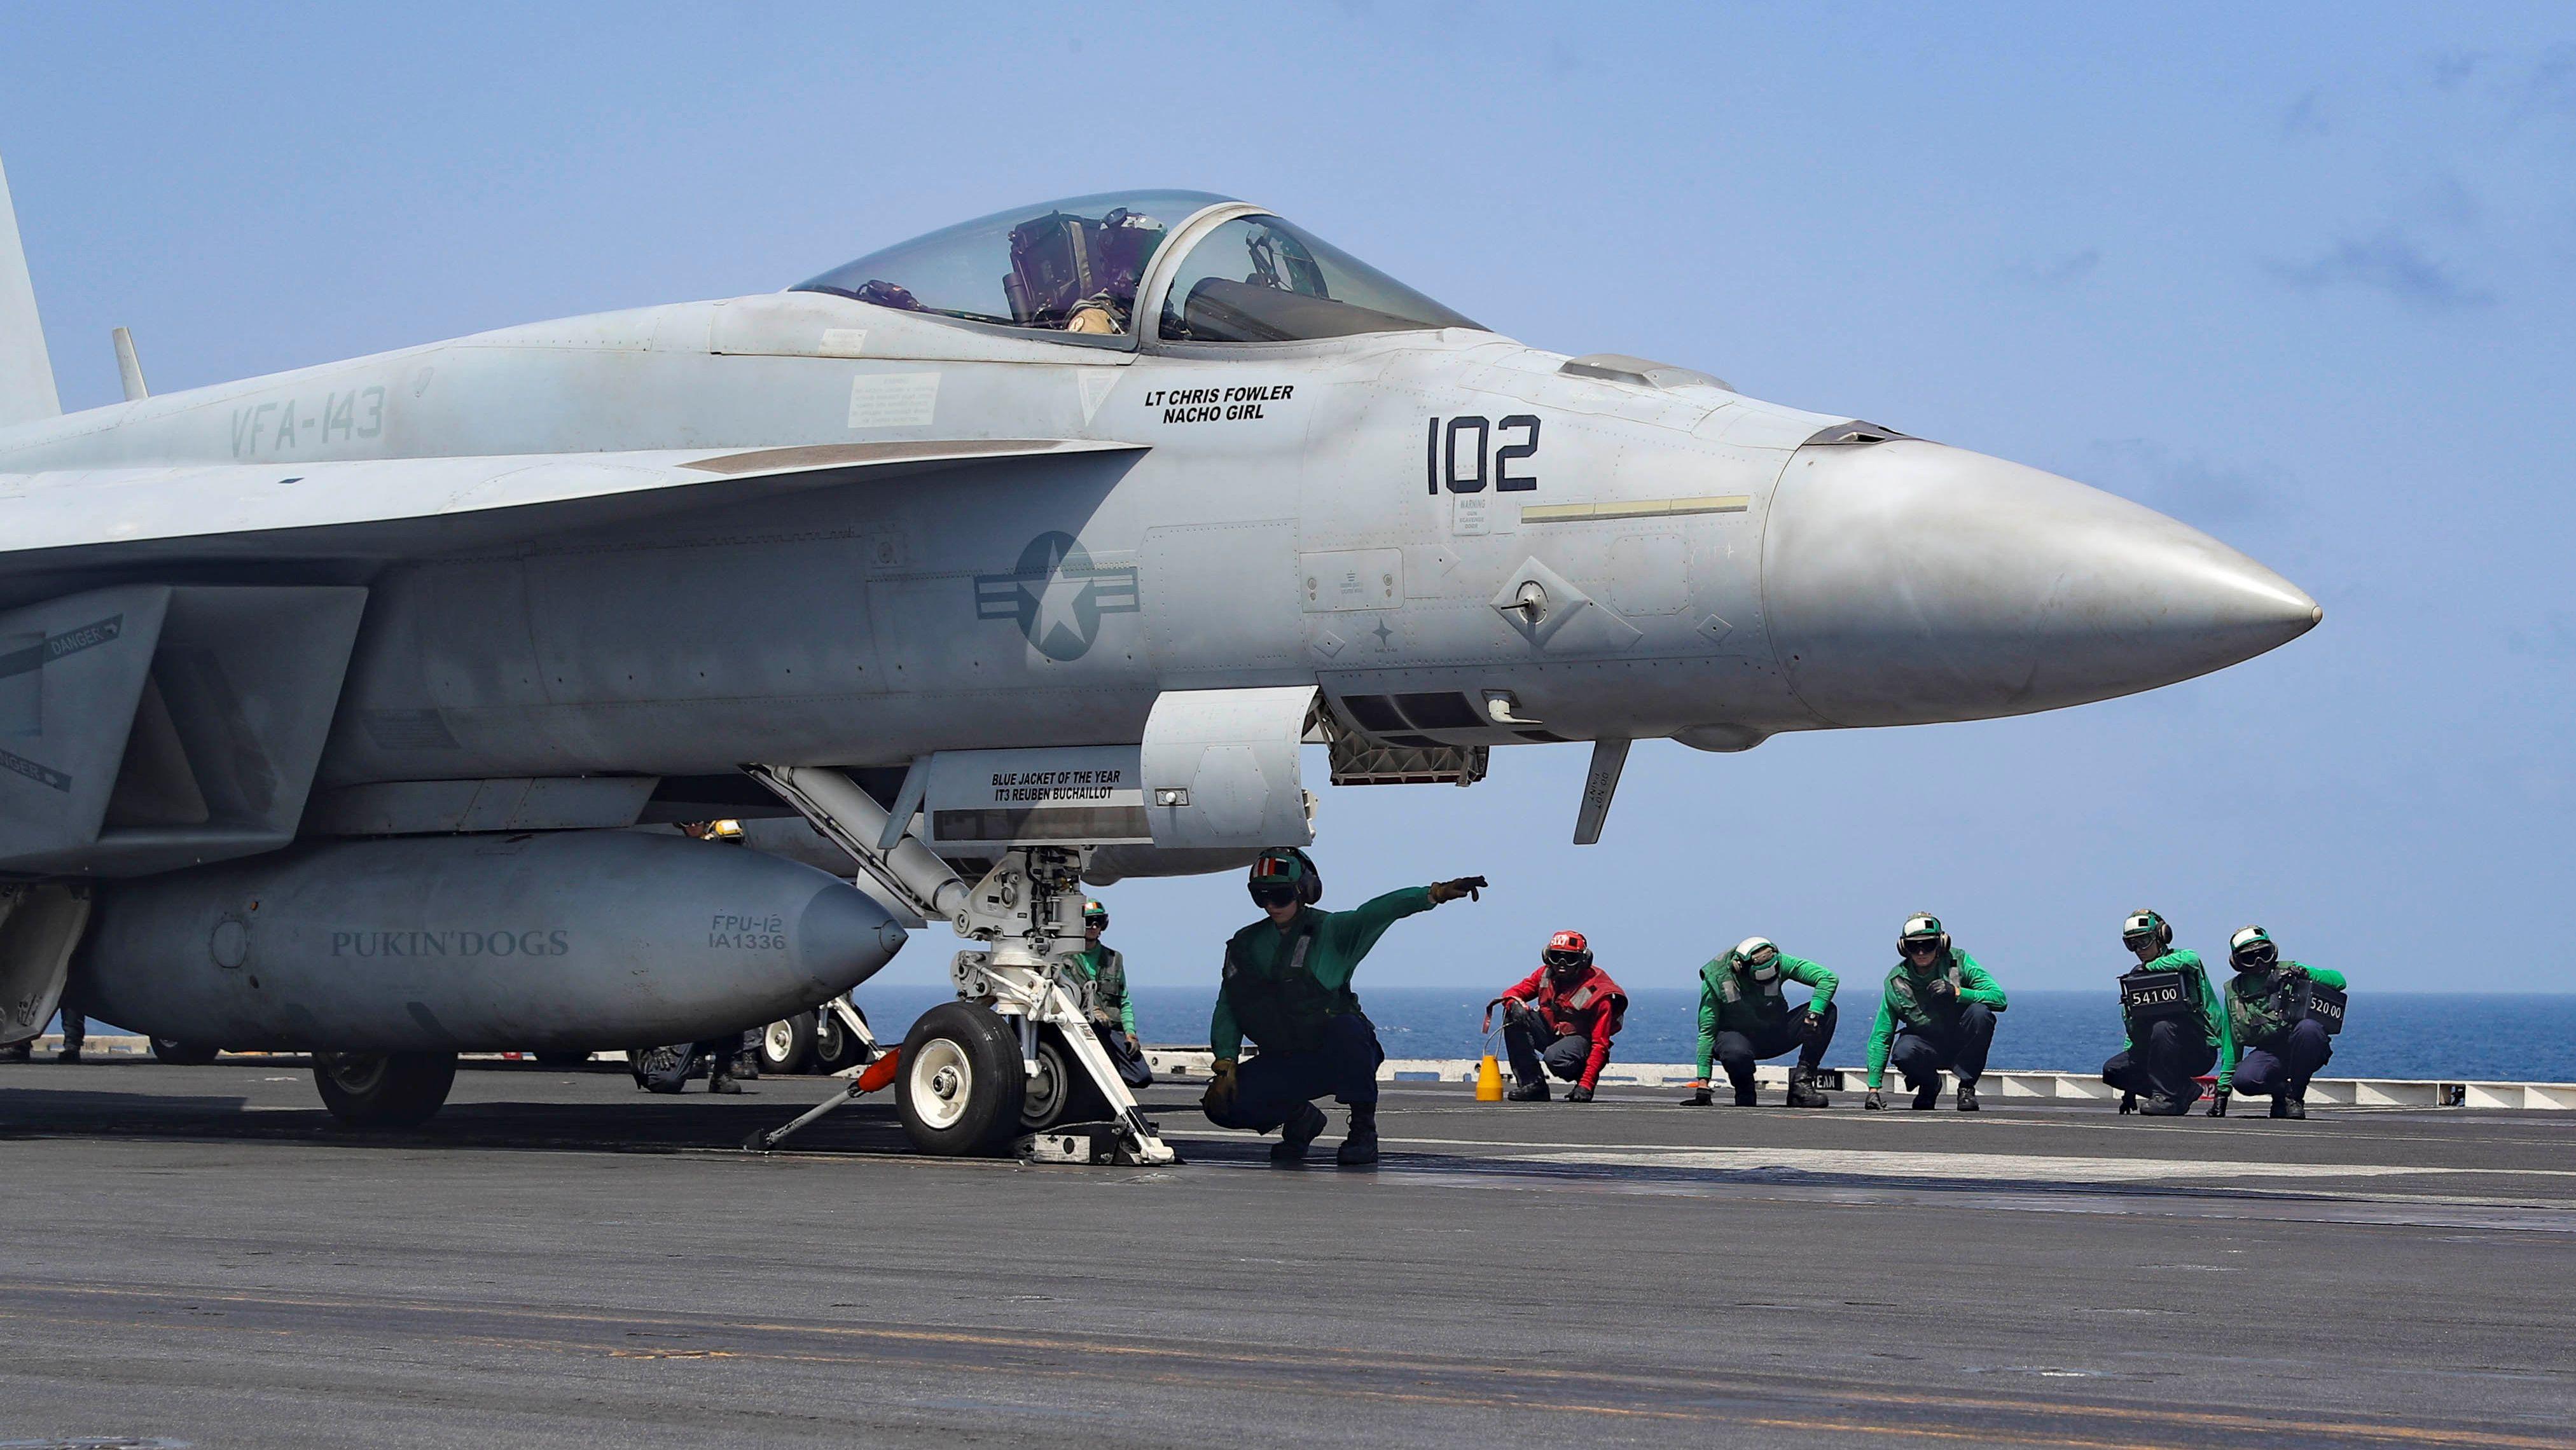 F18-Kampfflugzeug an Bord des Flugzeugträgers USS Abraham Lincoln in der Arabischen See